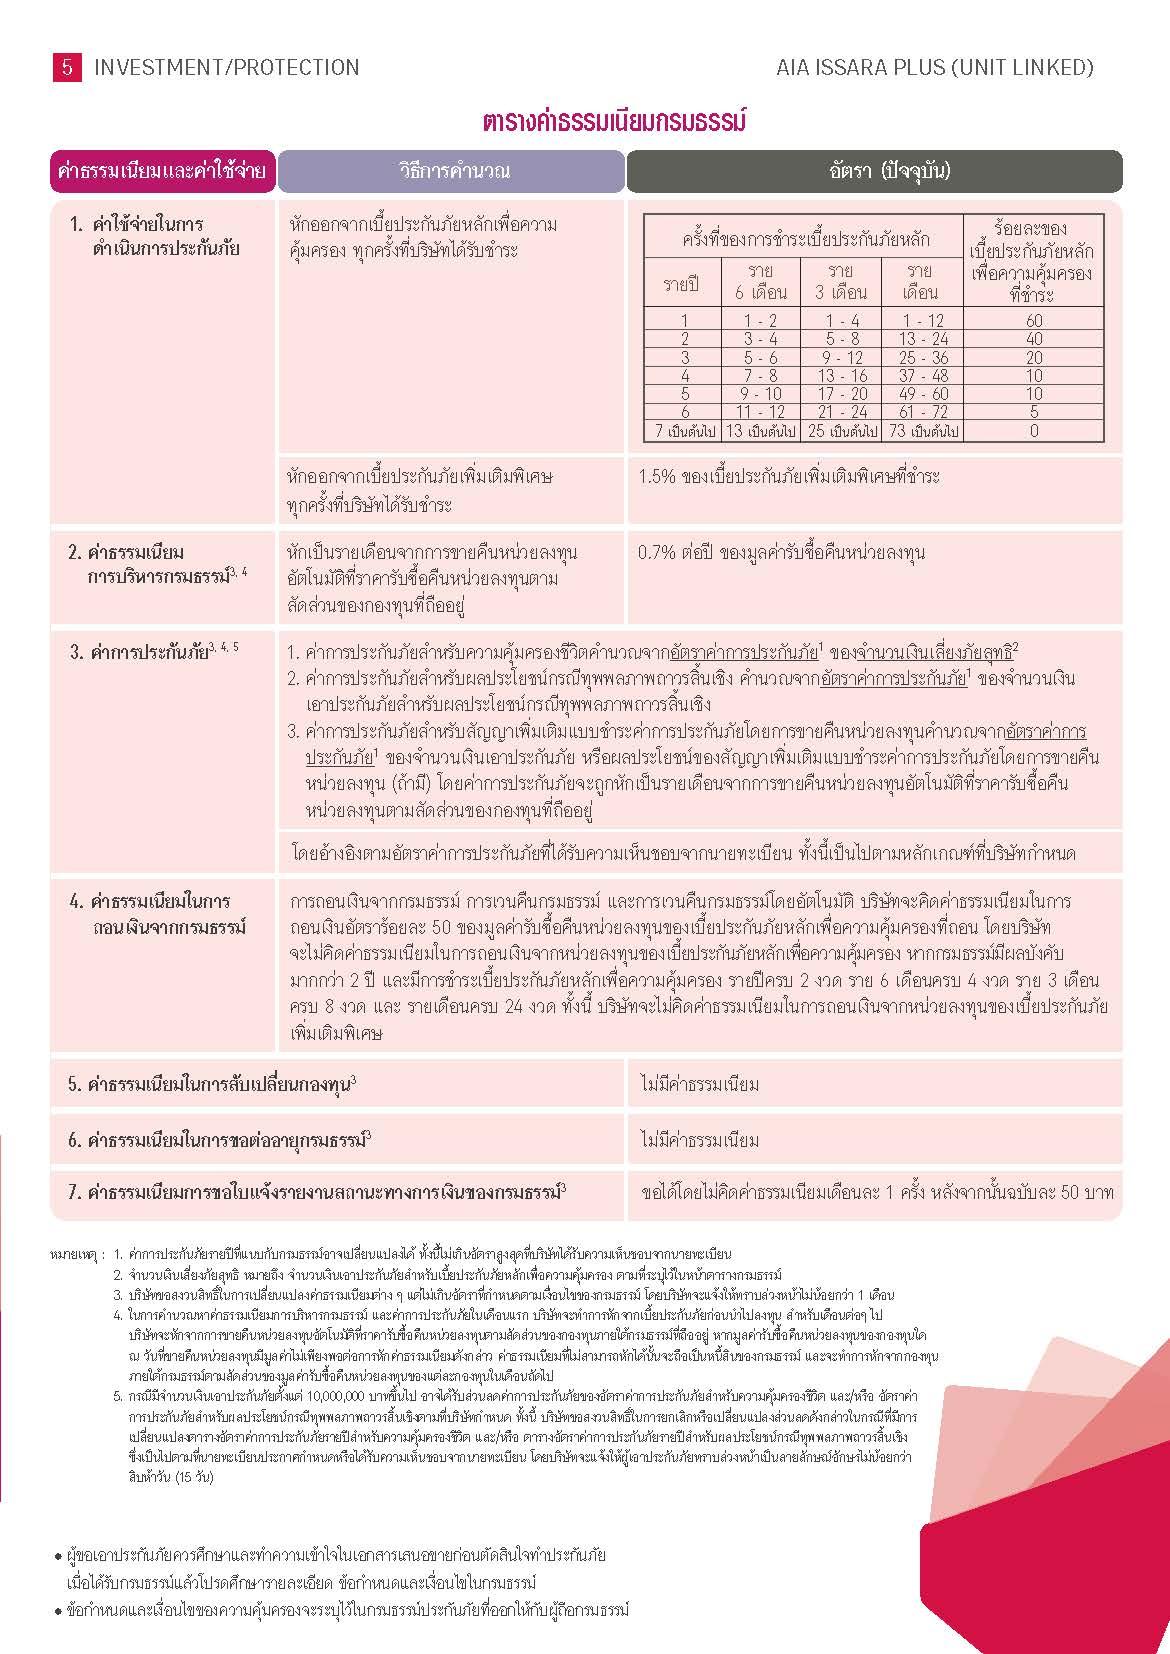 IssaraPlus5